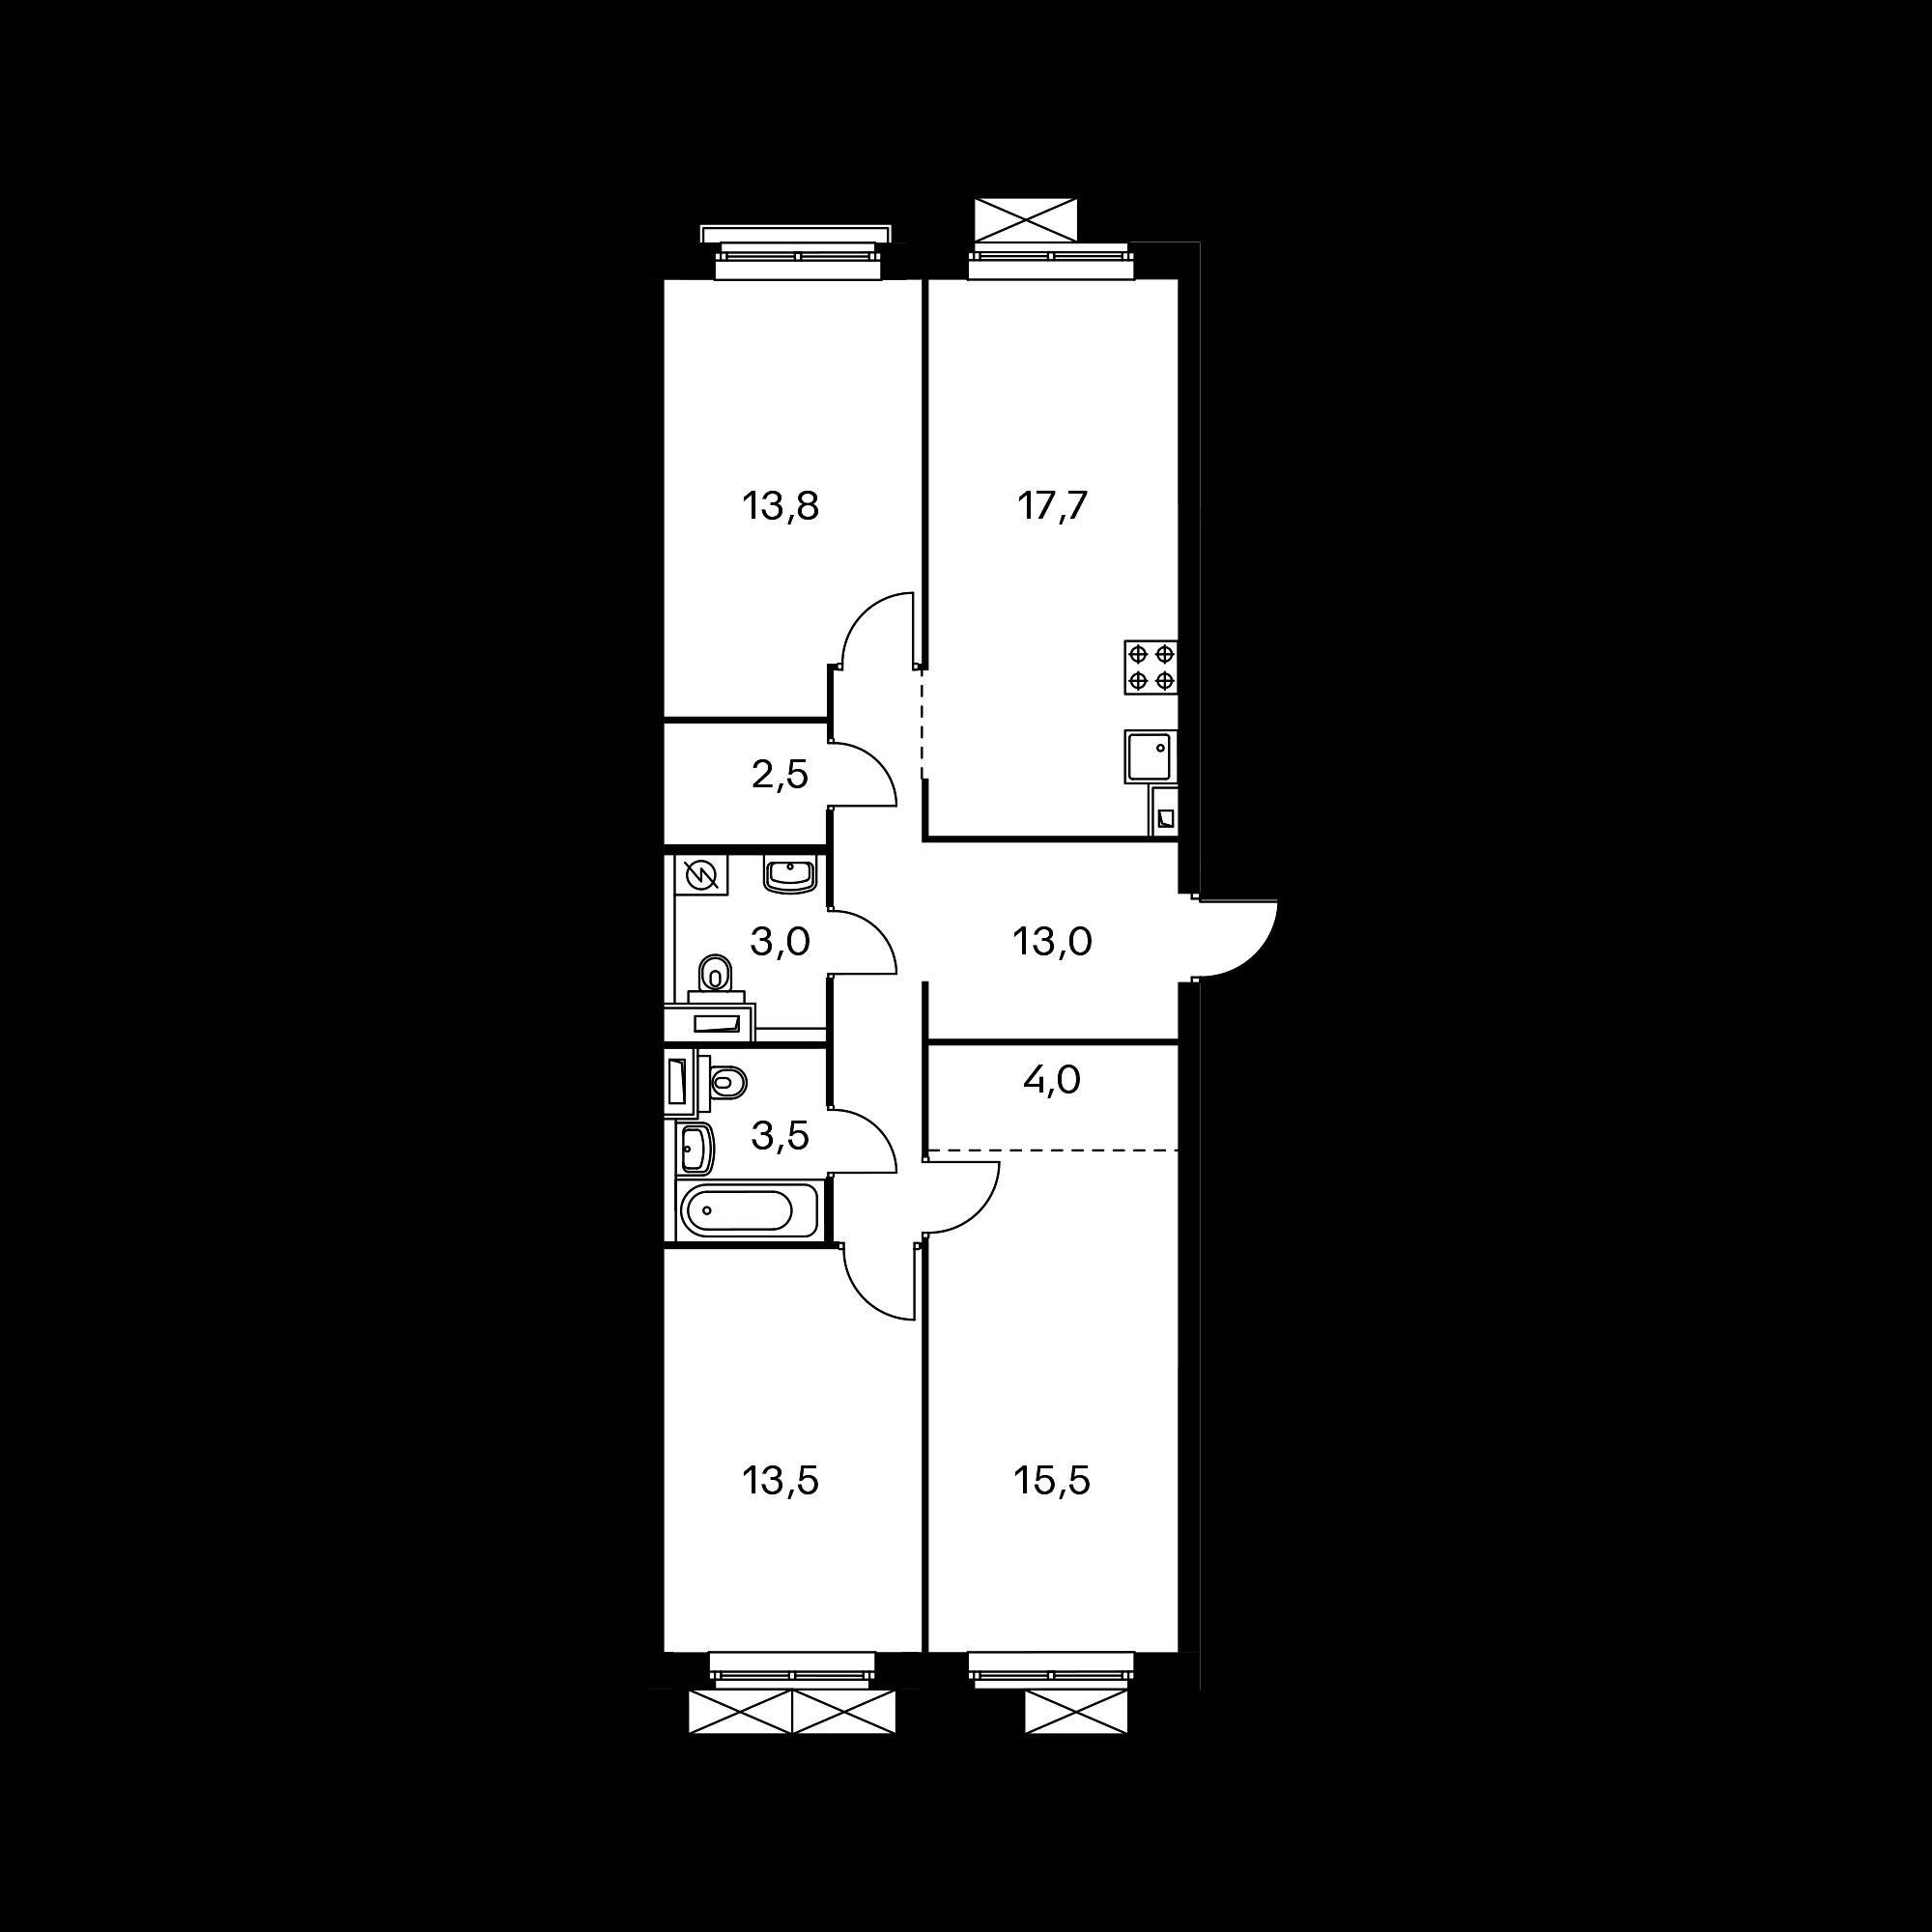 3-комнатная 86.5 м²